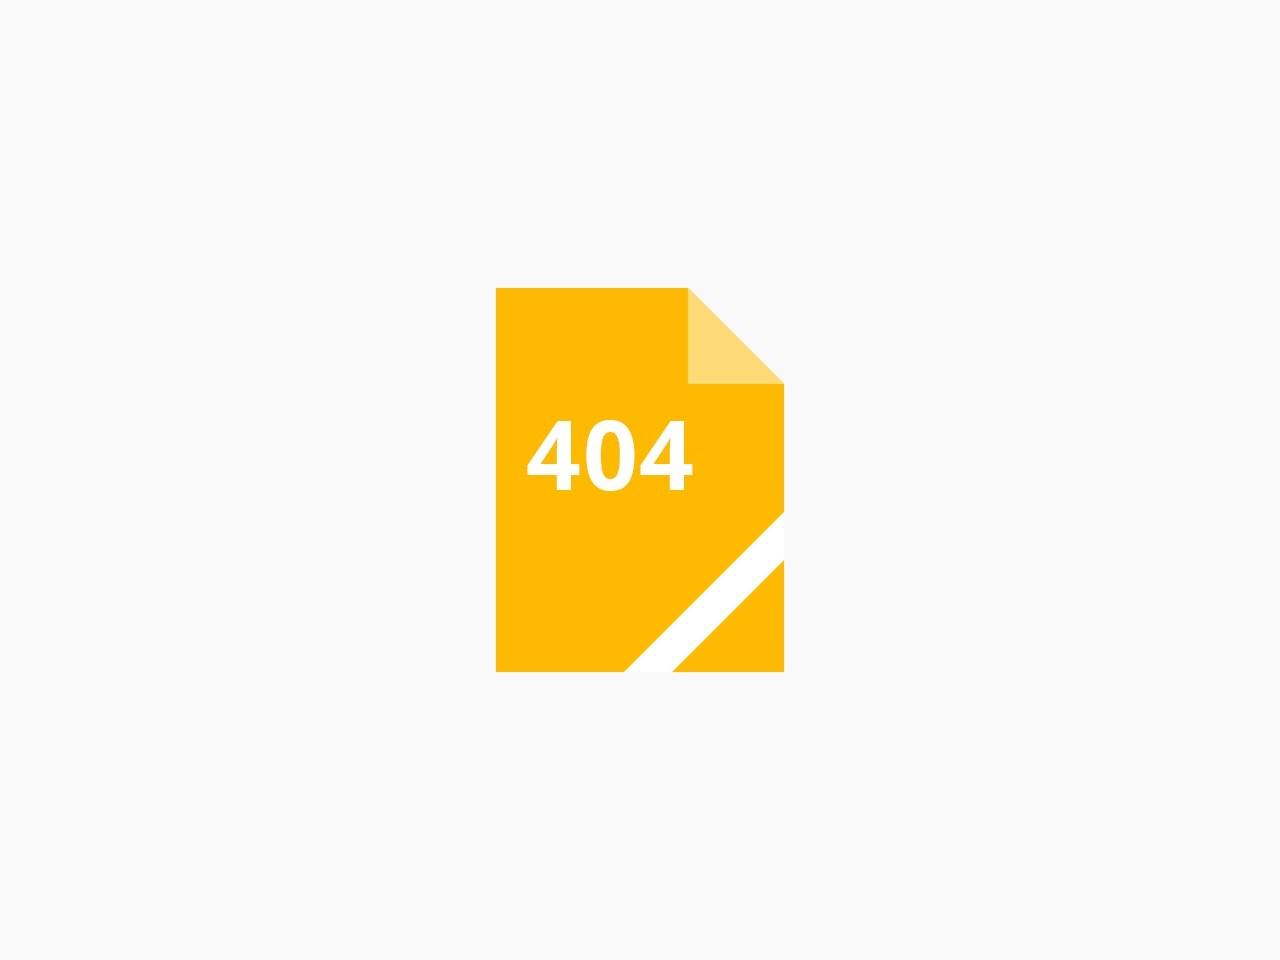 系统之家官网_Win10系统_Windows7旗舰版_最新GhostXP Sp3系统下载